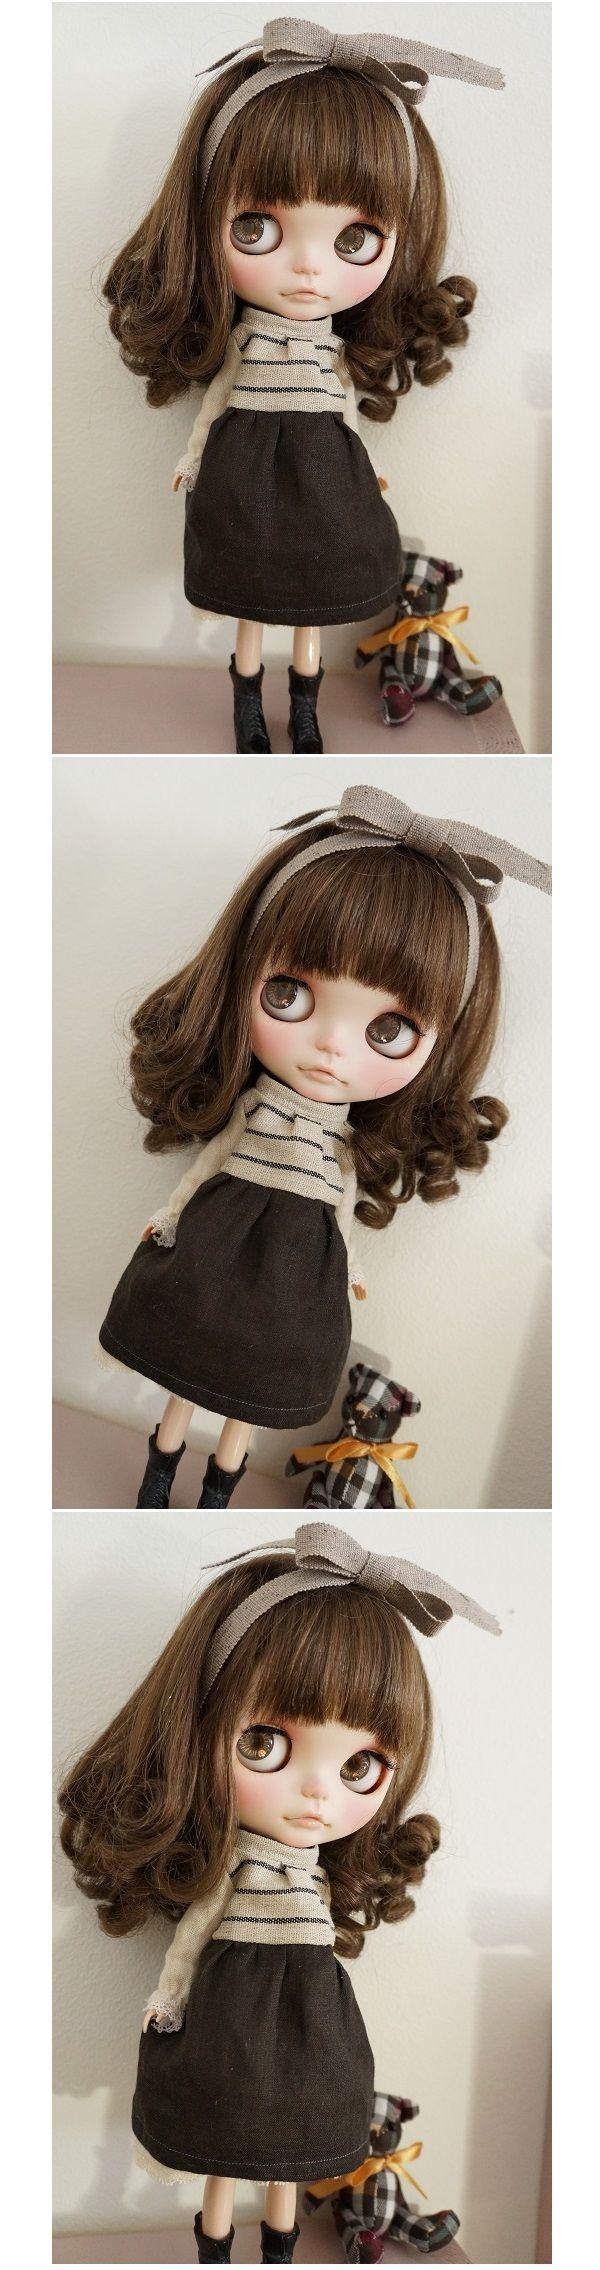 Lovely Custom Blythe